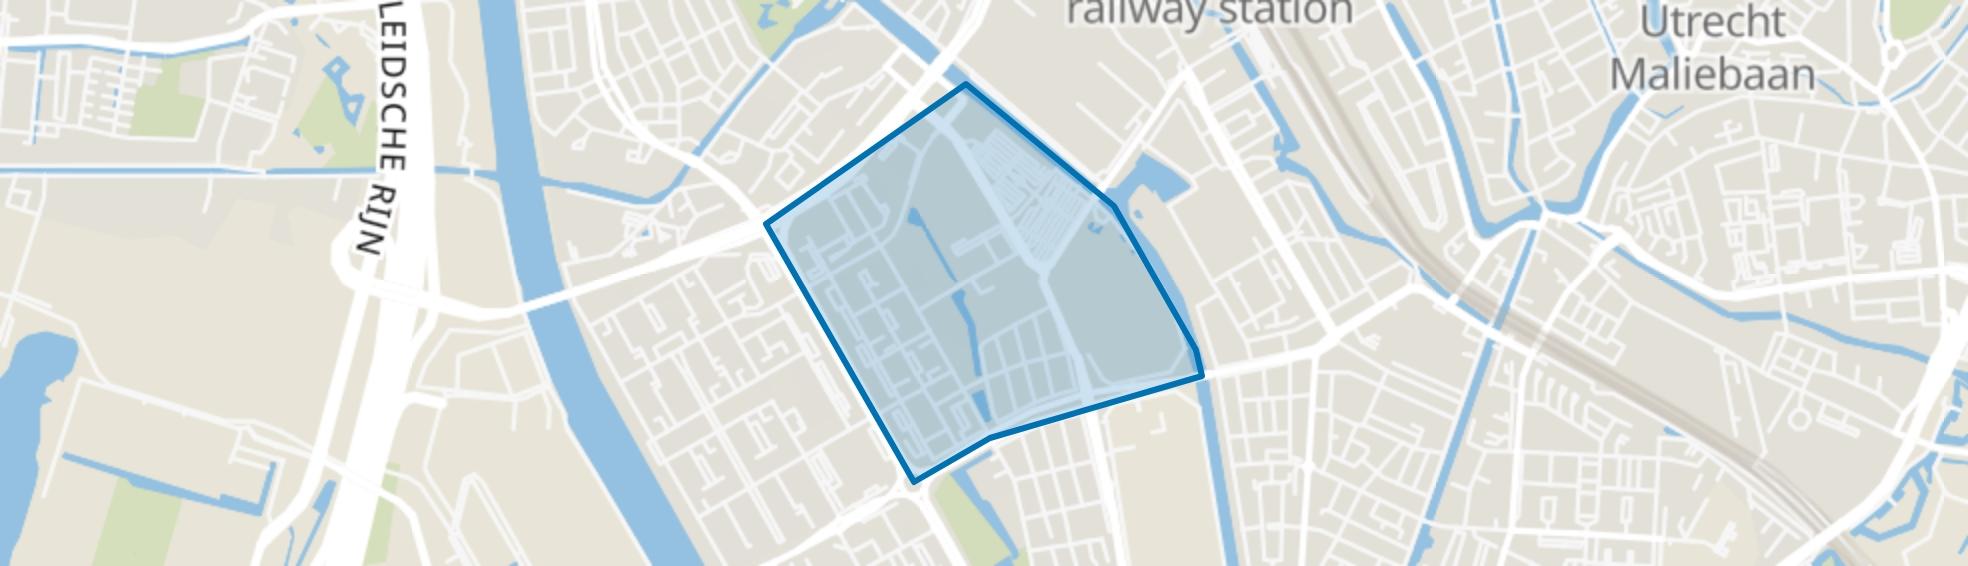 Transwijk-Noord, Utrecht map